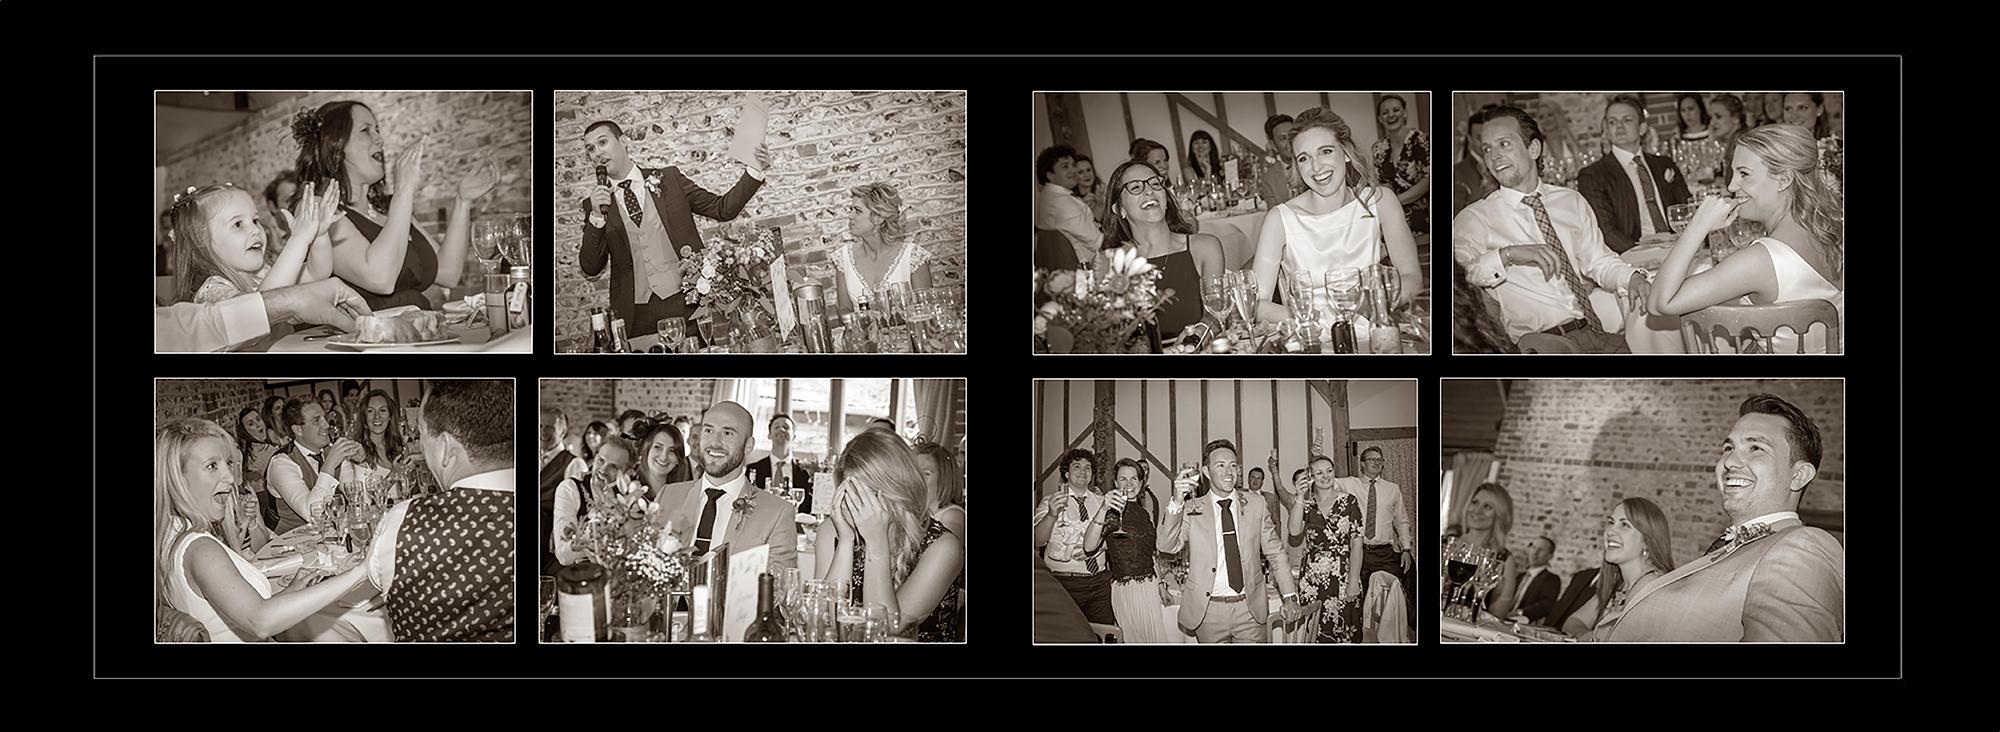 KHP_wedding-album-speeches.jpg#asset:2840